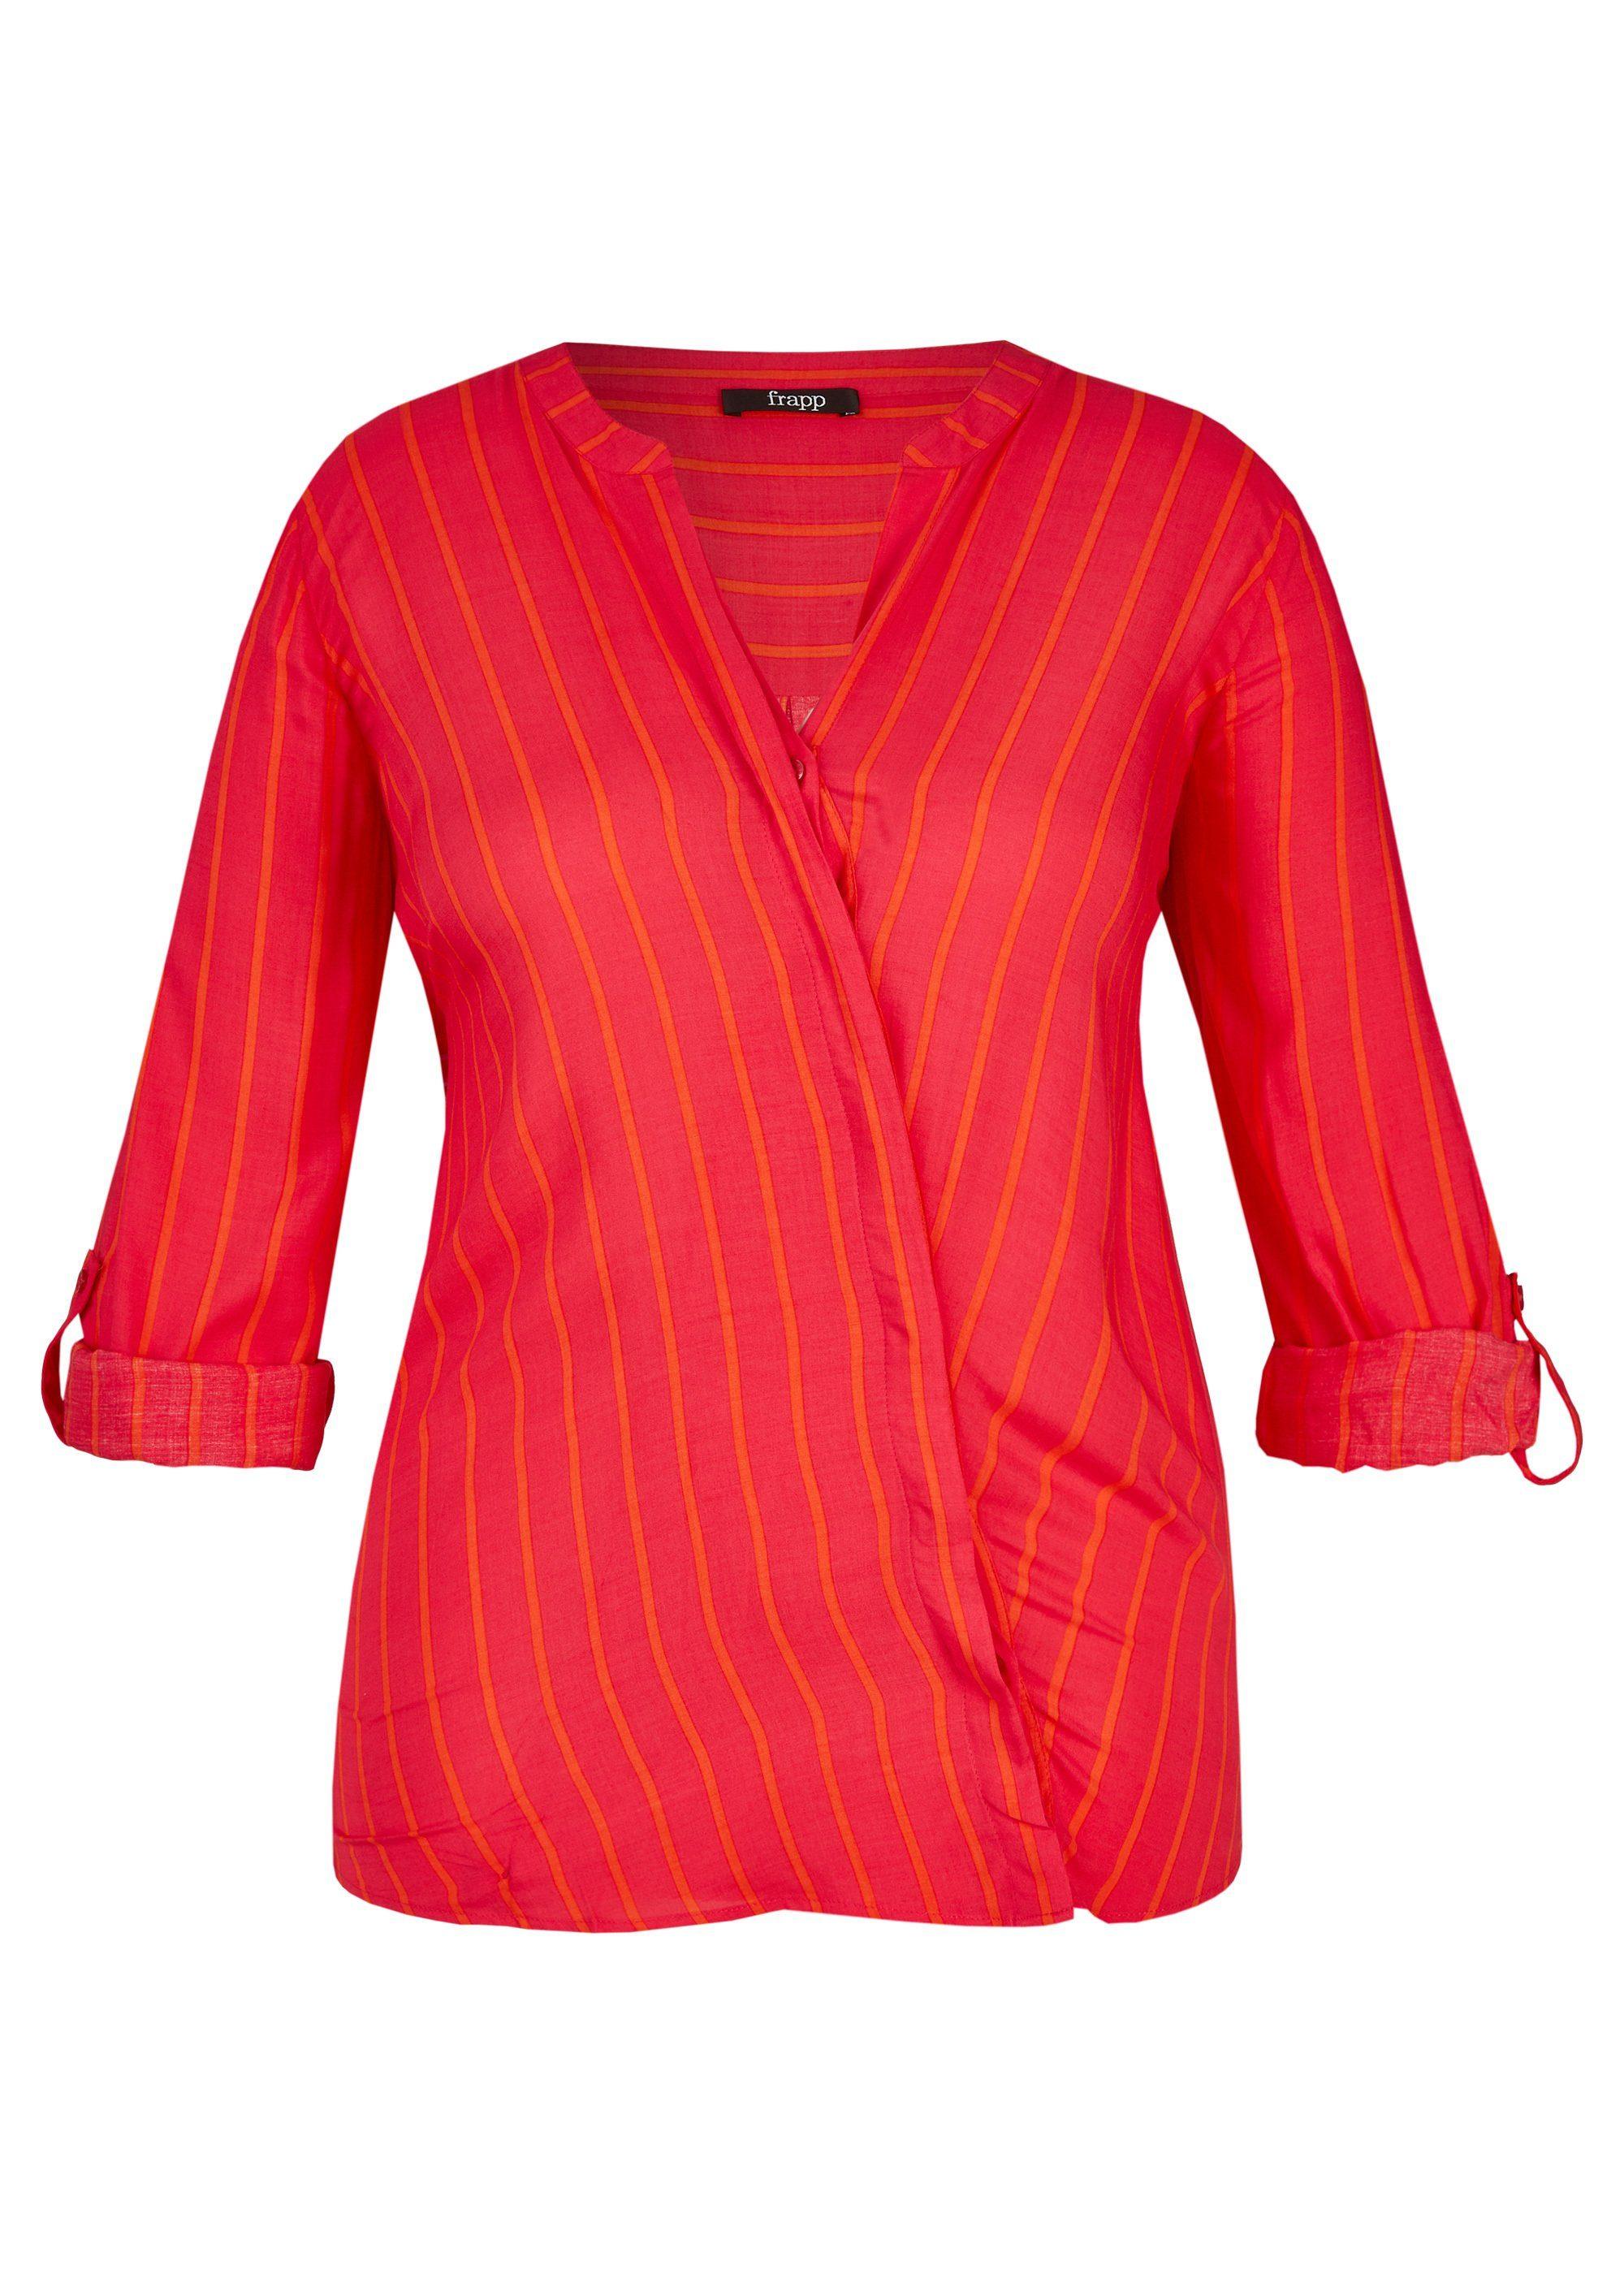 FRAPP Auffällige Bluse mit Allover-Streifen